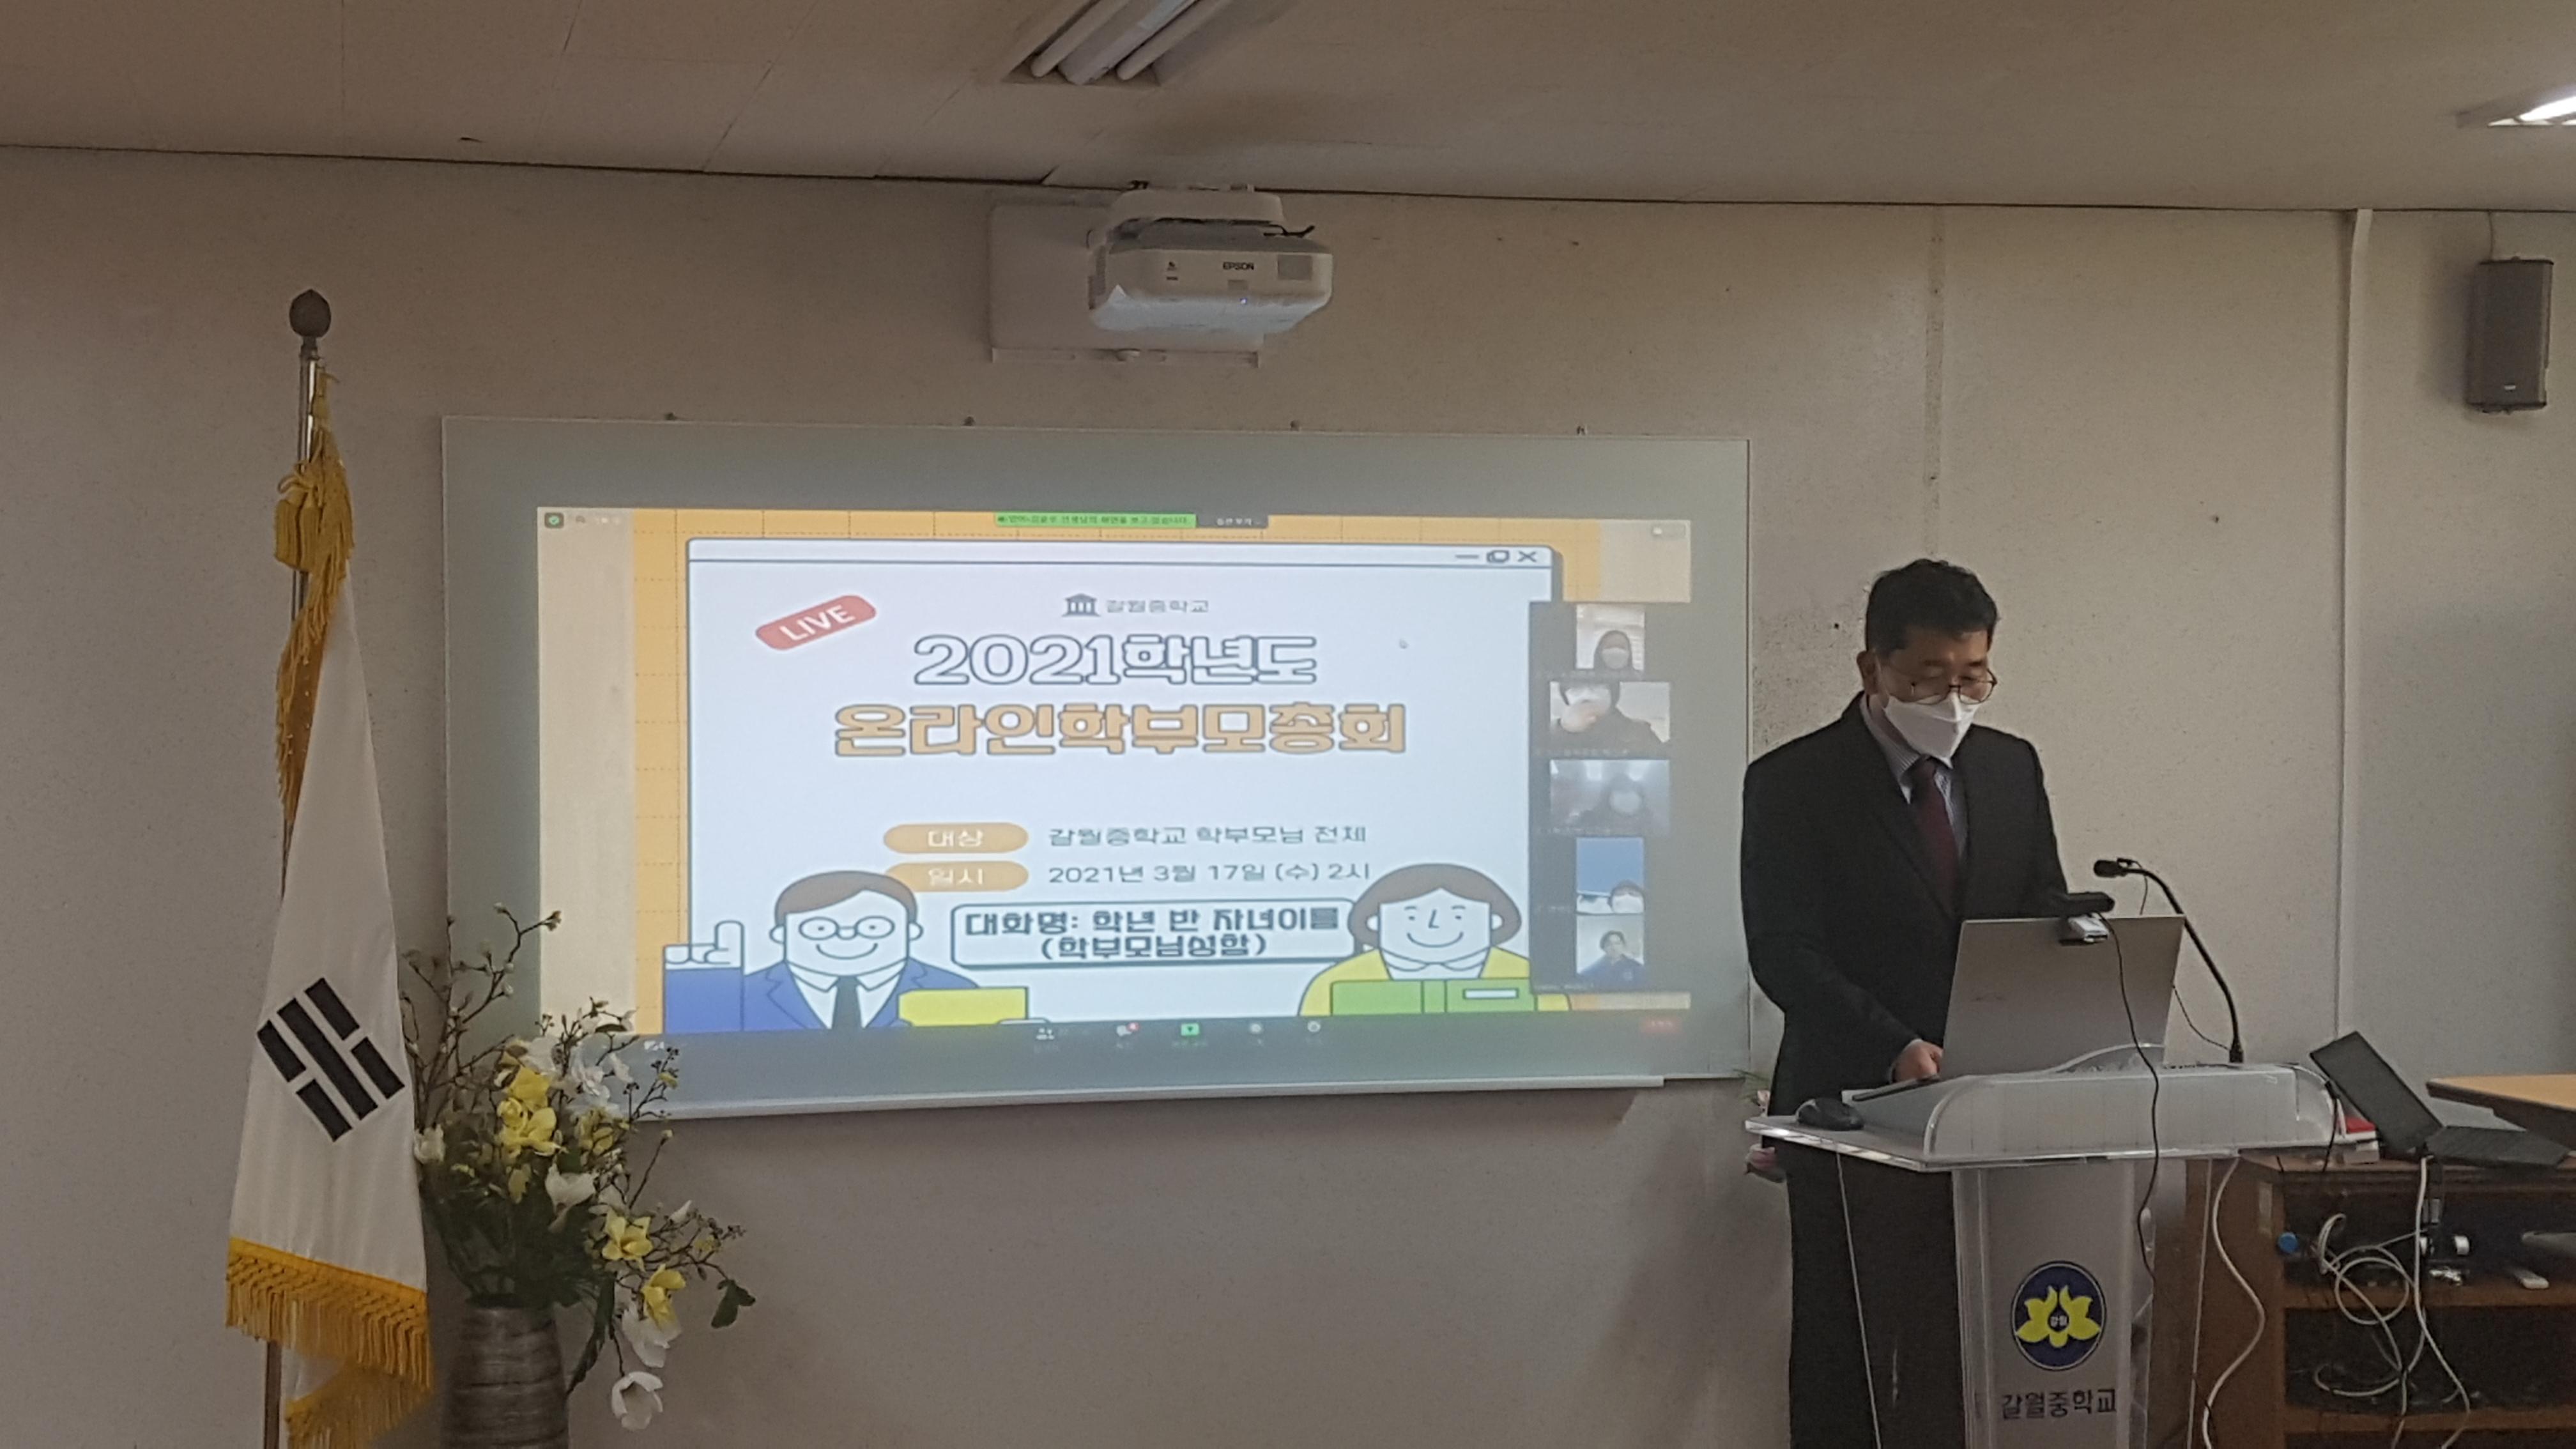 [일반] 2021 학부모총회의 첨부이미지 1